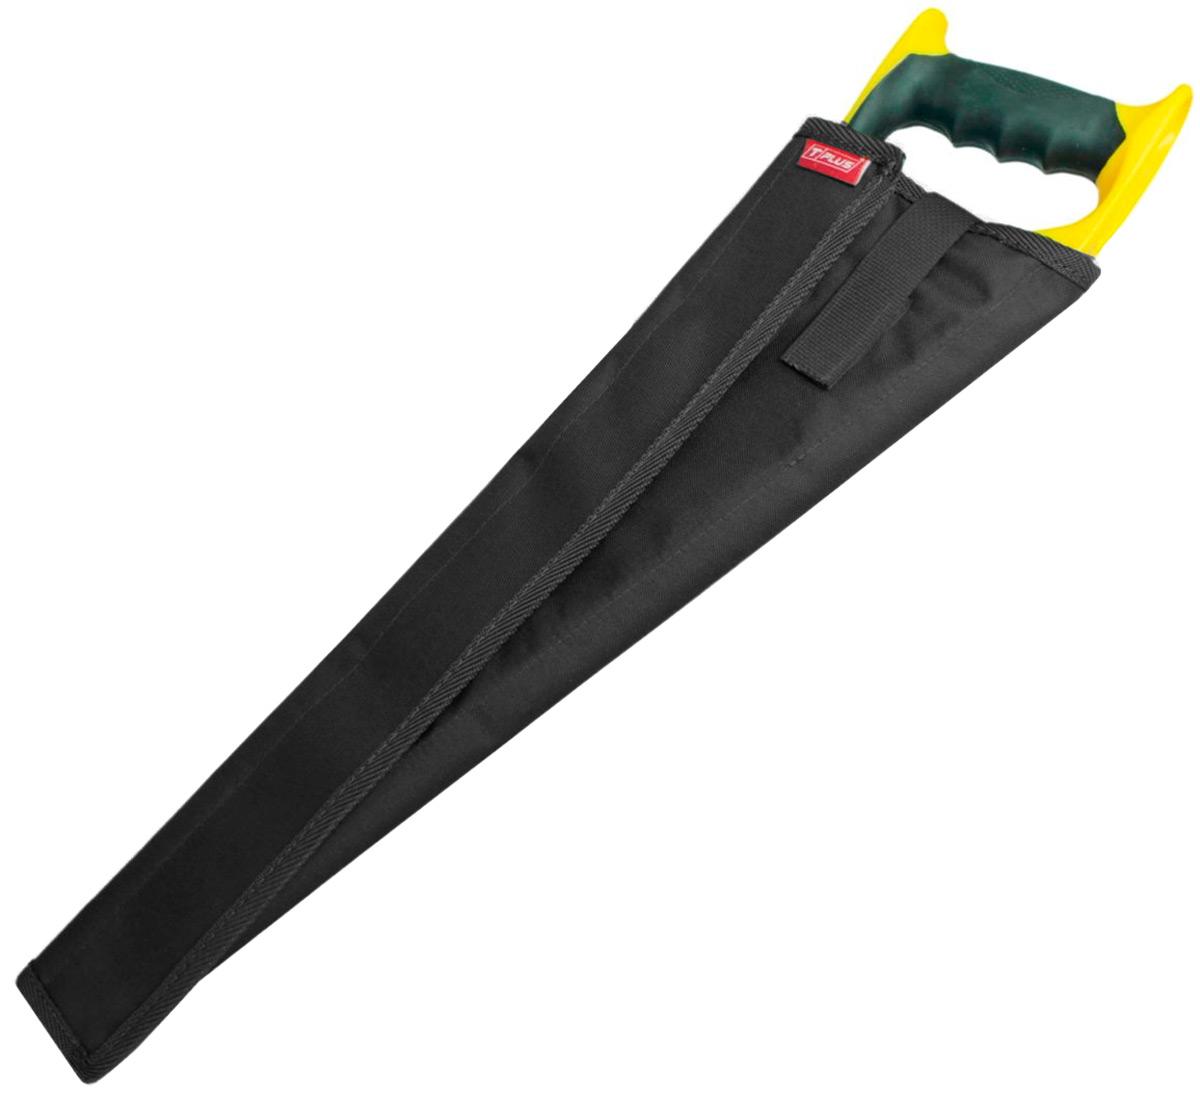 Чехол для ножовки Tplus, кордура 900, цвет: черный, 40 см